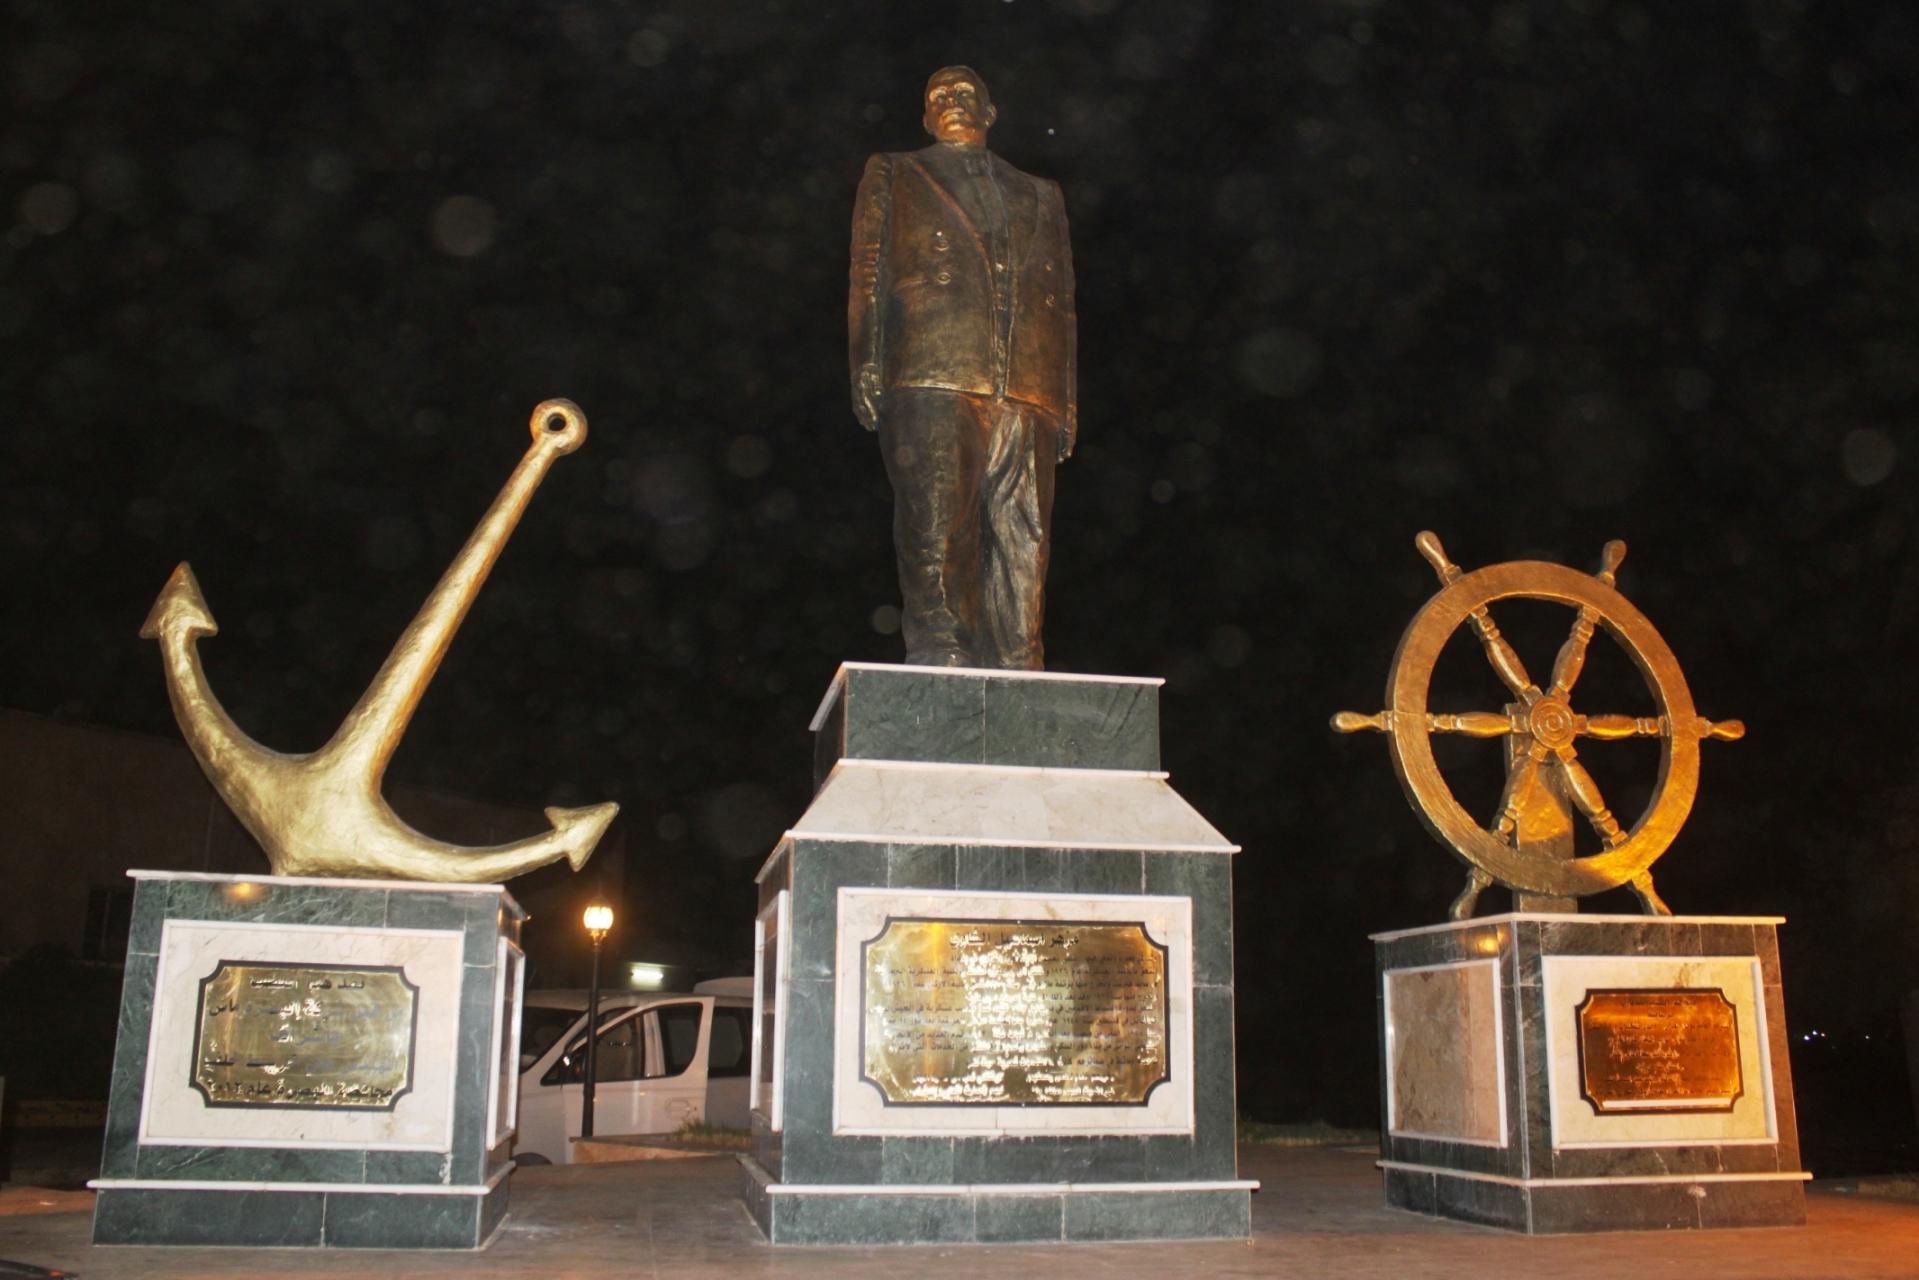 تمثال مدير الموانئ العراقية في عصرها الذهبي اللواء مزهر الشاوي (اندبندنت عربية)